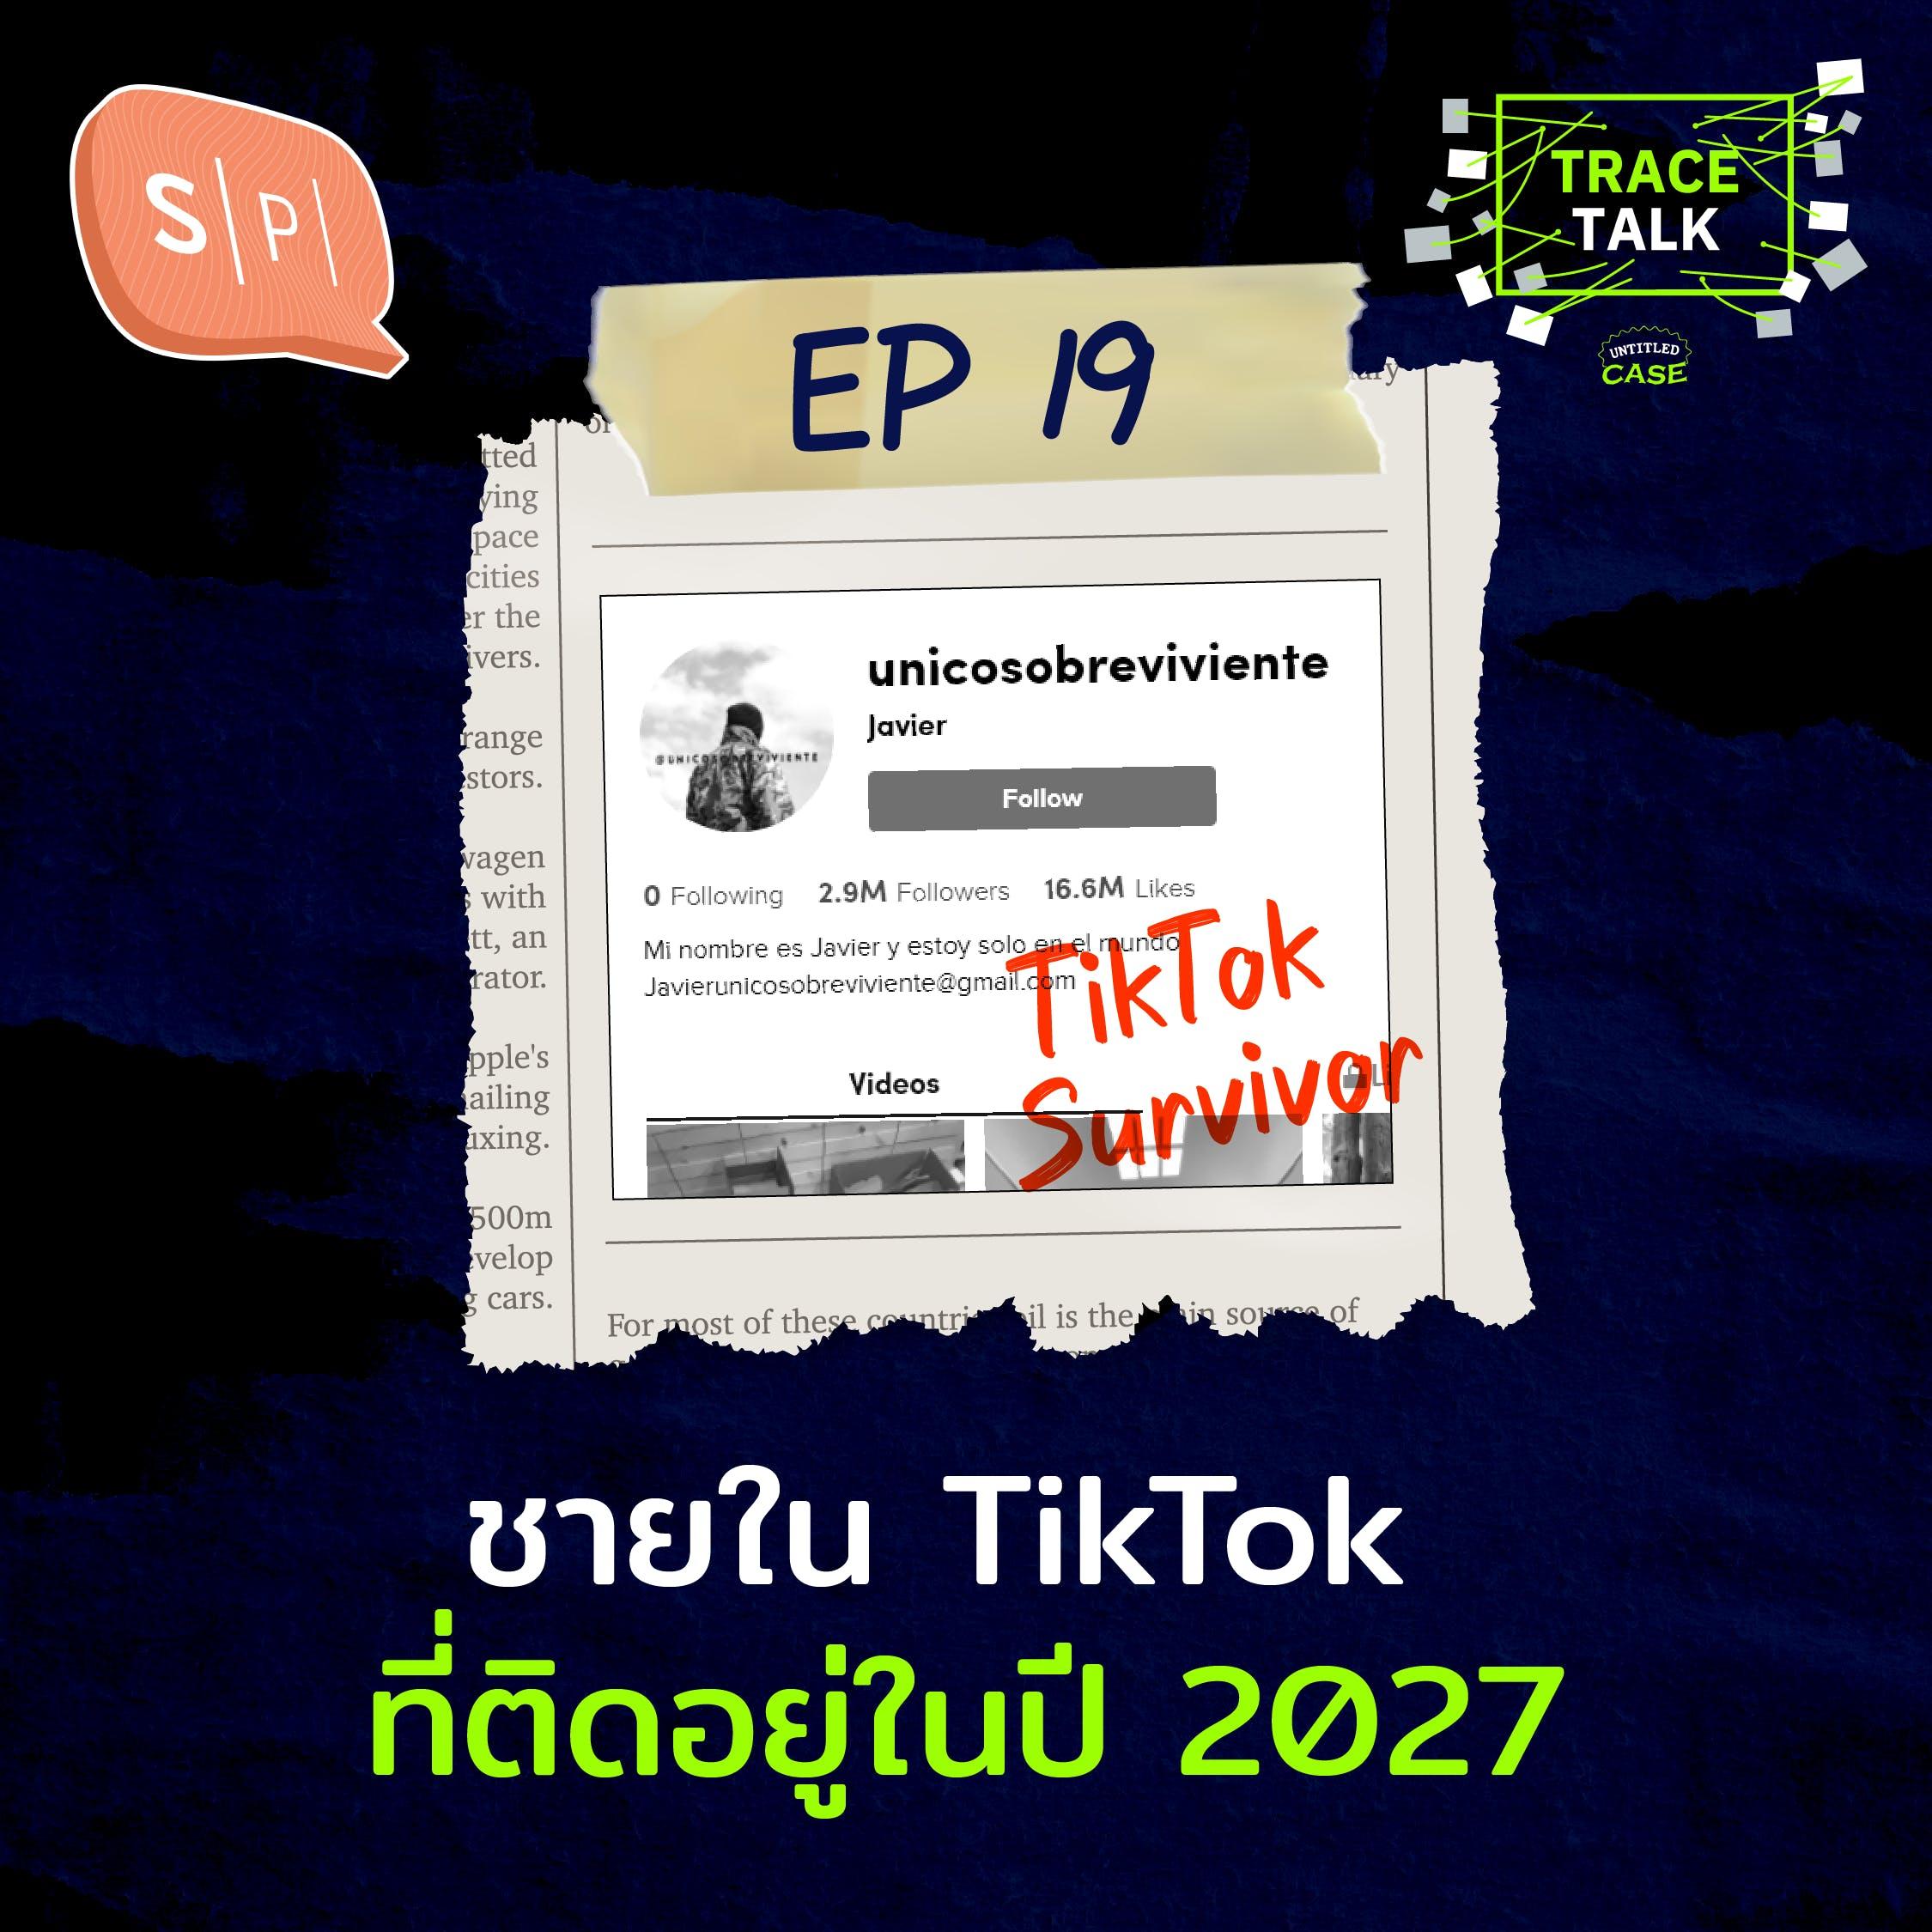 ชายใน TikTok ที่ติดอยู่ในปี 2027   Trace Talk EP19